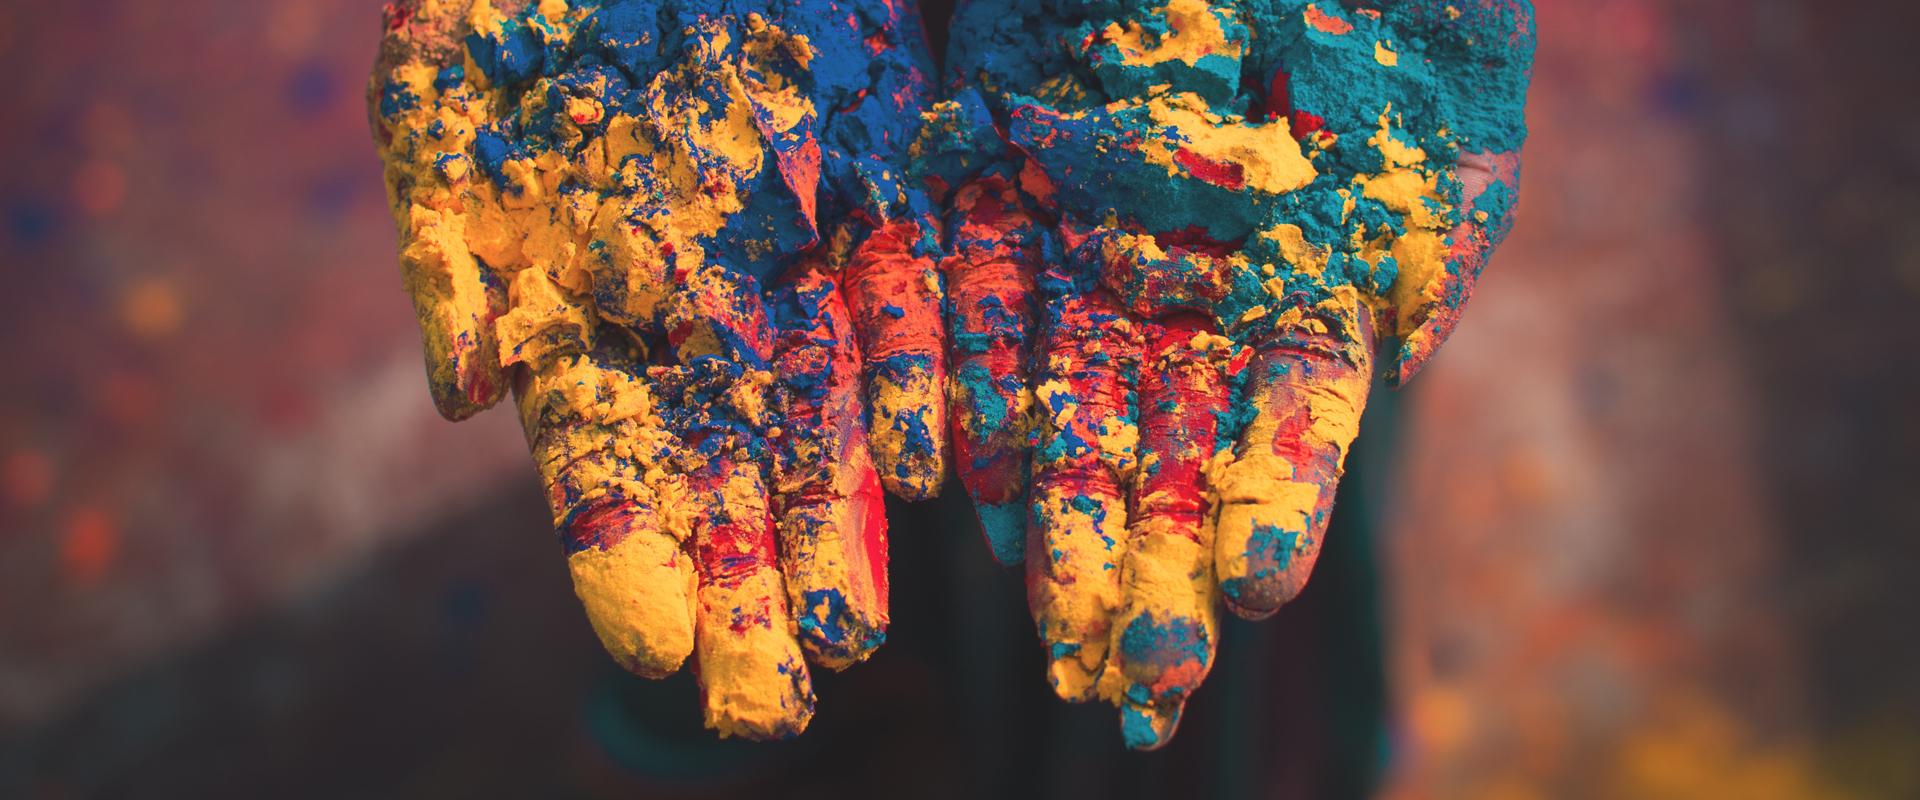 Inde |Holi, la fête des couleurs